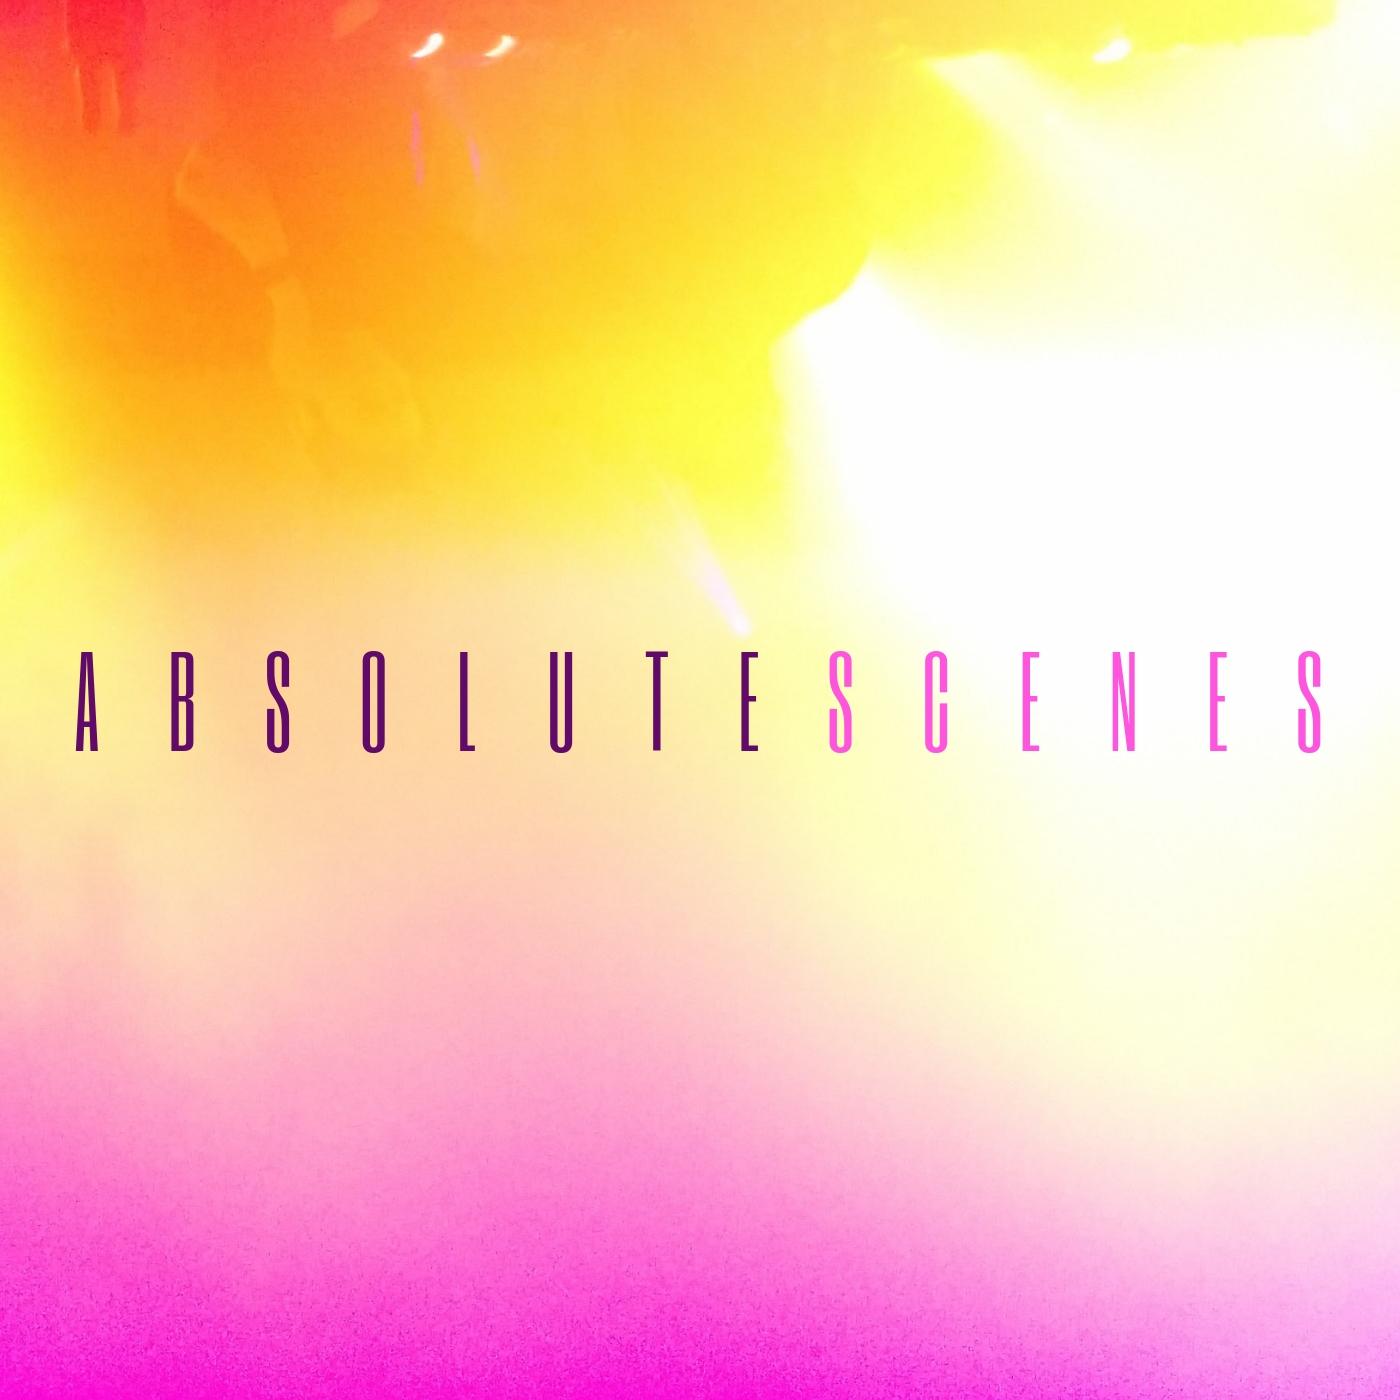 absolutescenes retake.jpg